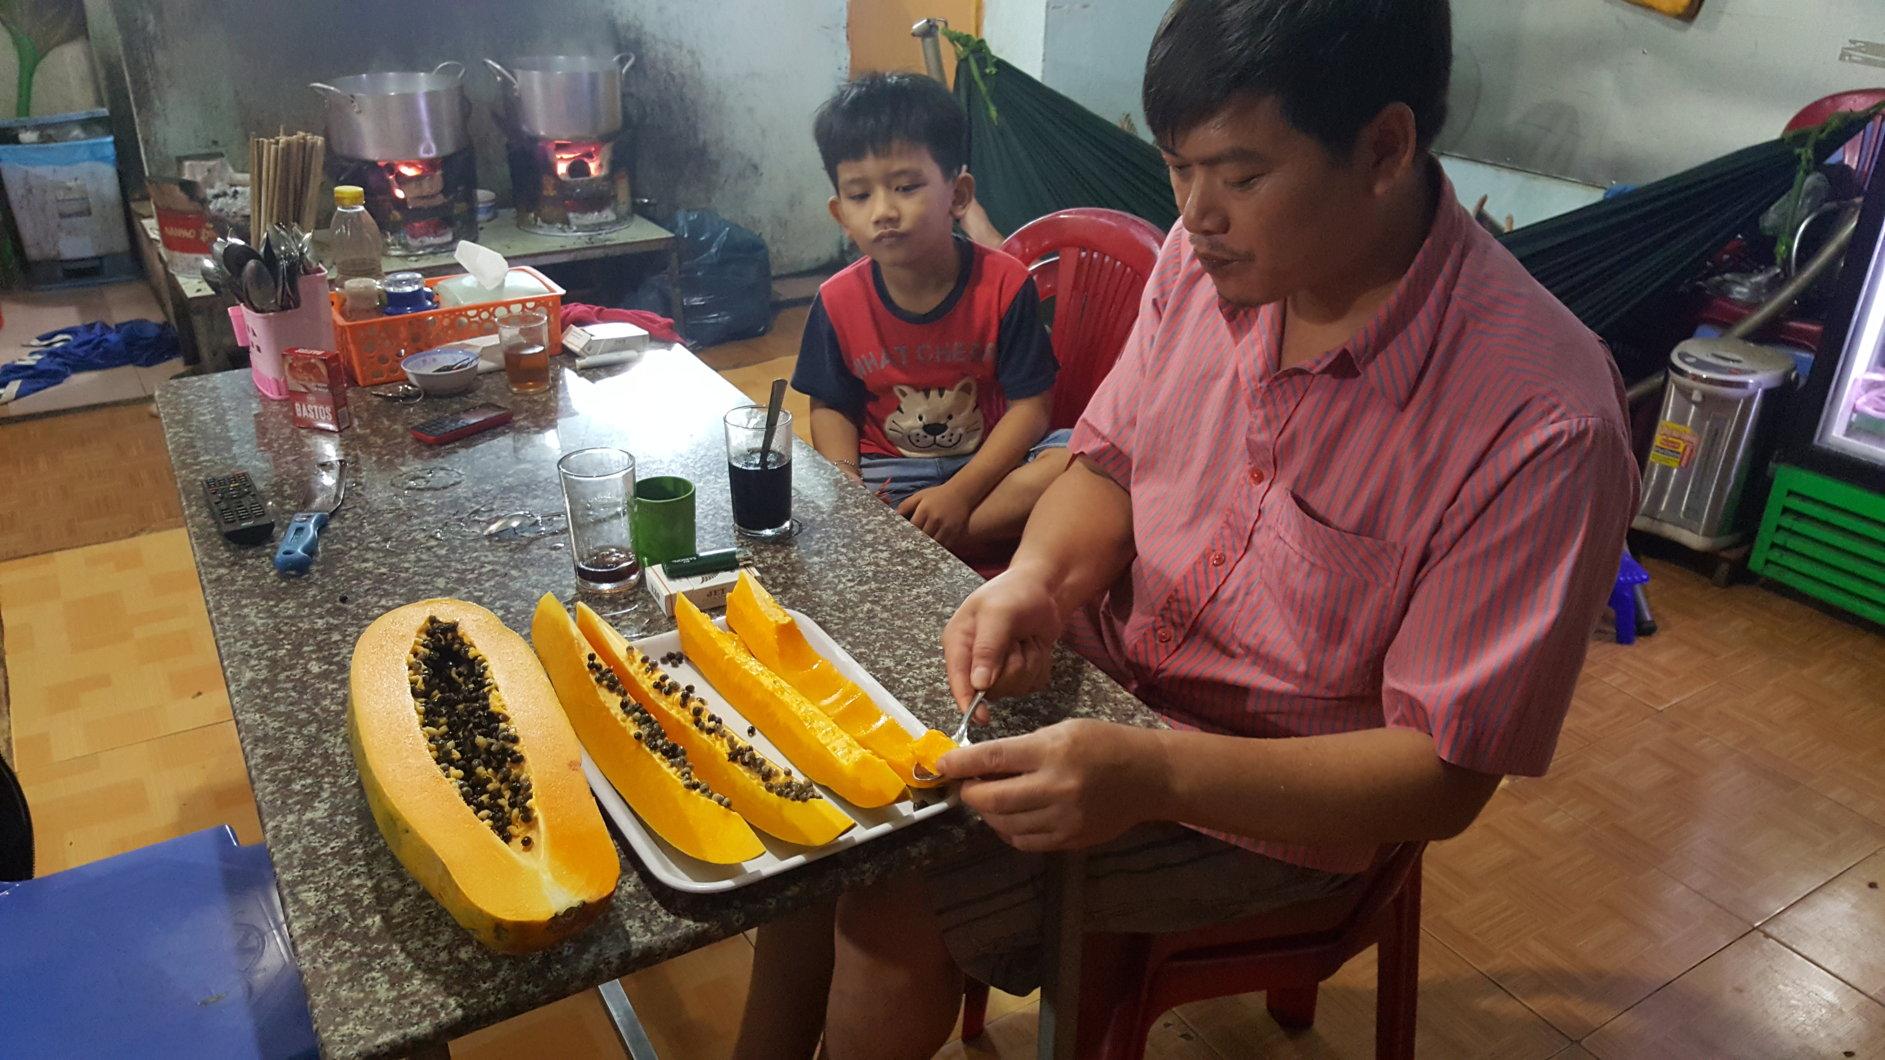 du-du-ruot-vang-haclong-hac-long-sieu-ngon-ngot-dep-vua-trai-cay-thao-phuong-ban-si-buon-le-ha-jpg.49824